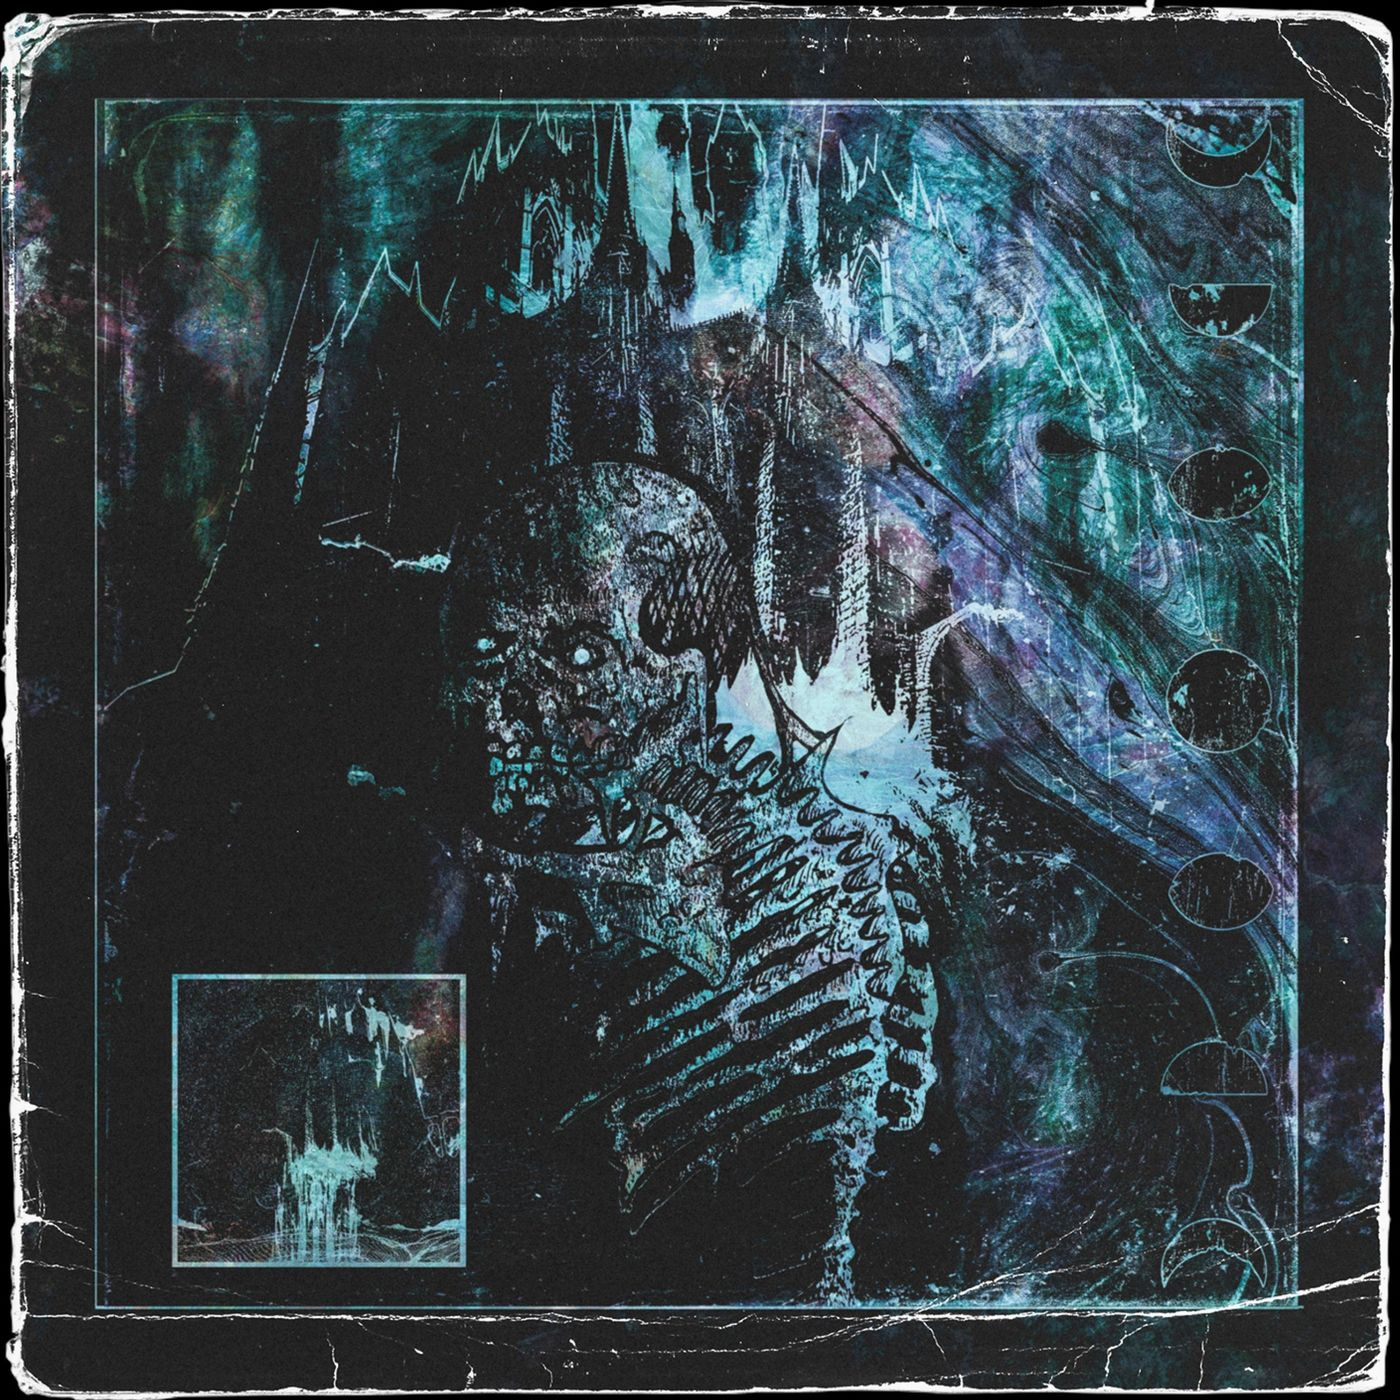 Astral Black - Twilight [single] (2020)